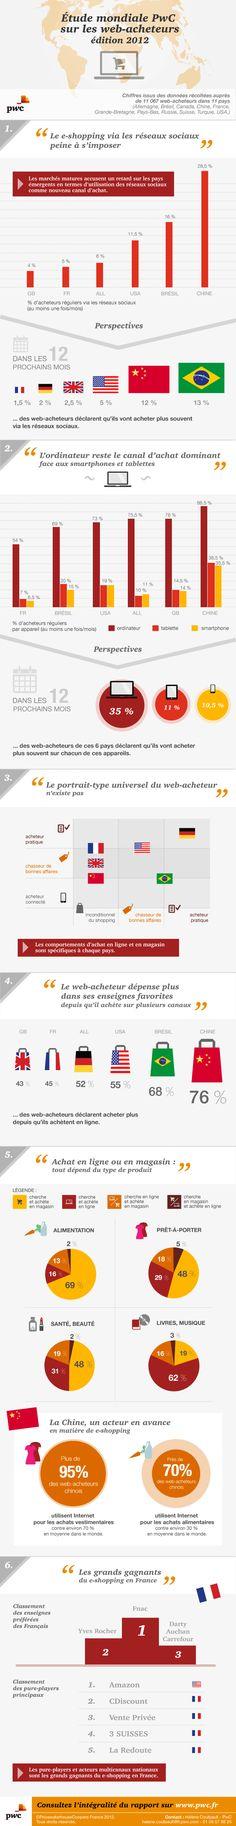 Etude mondiale 2012 sur le comportement des web-acheteurs